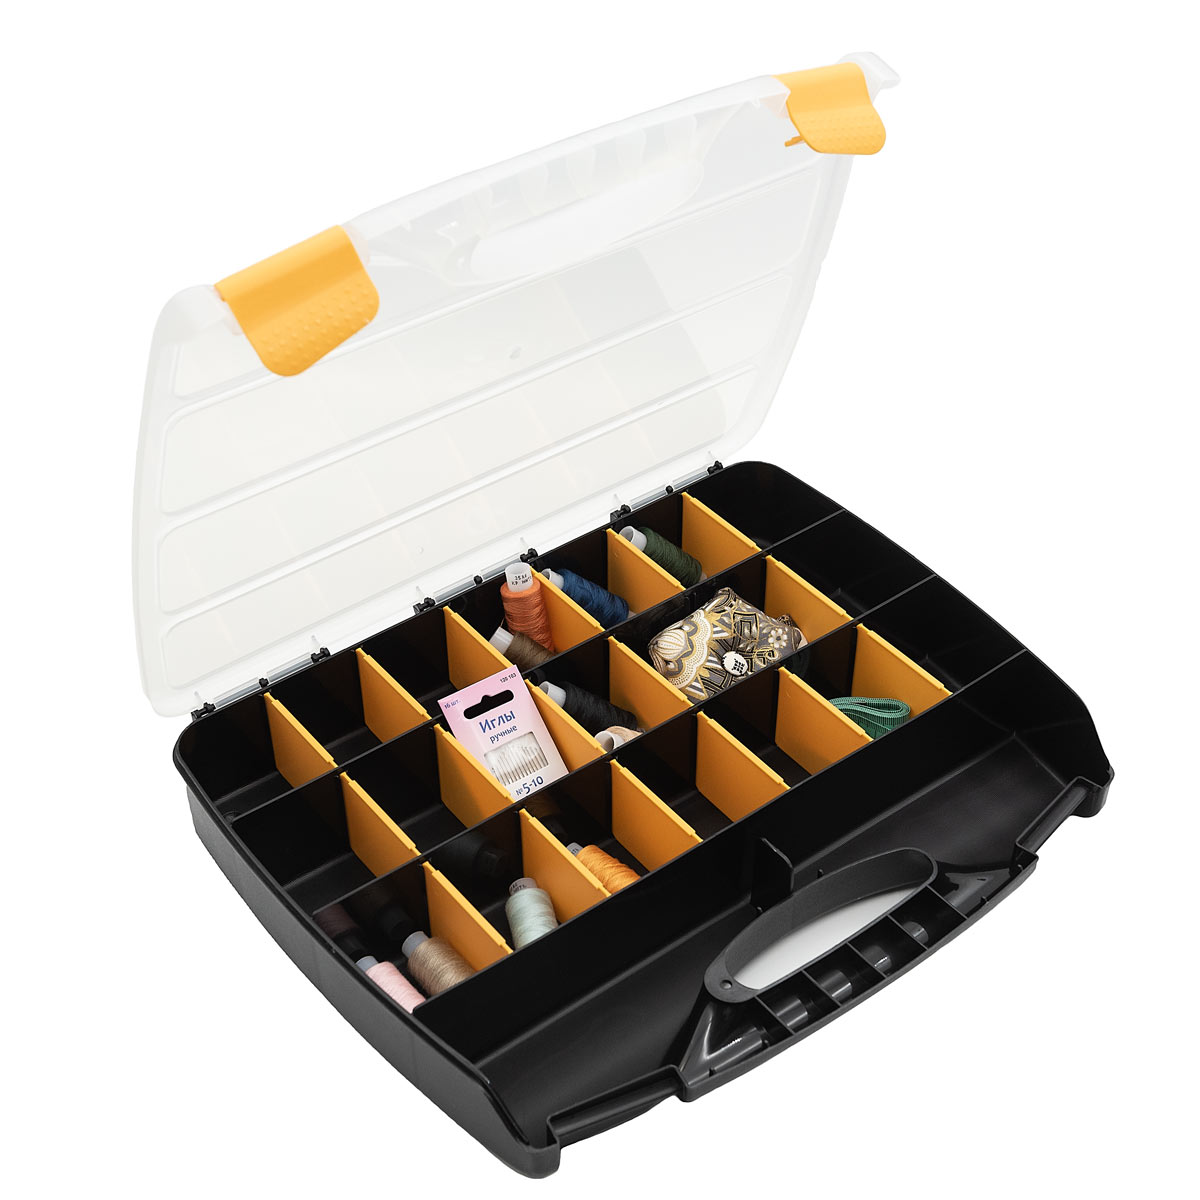 930523 Органайзер для хранения с 23 регулируемыми отделениями, 37.8*31*5.9см Hobby&Pro